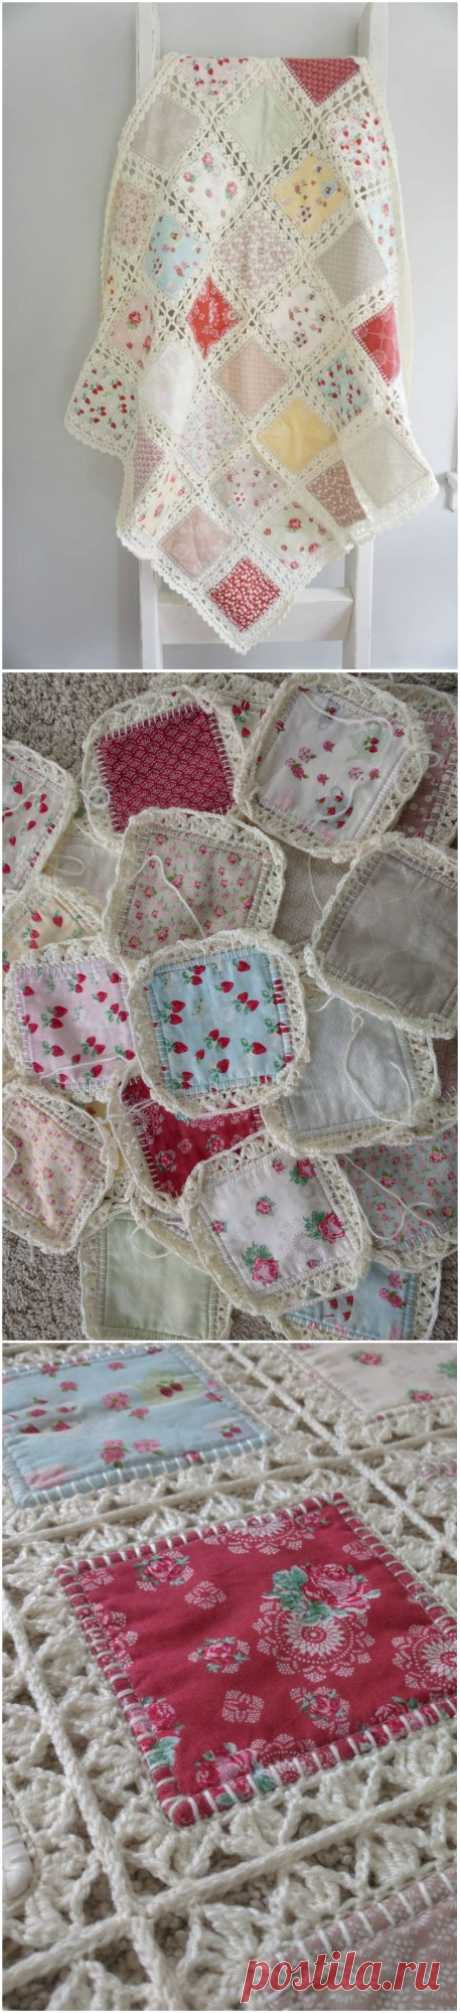 Ткань вязания крючком одеяло это проект, который вы так долго искали